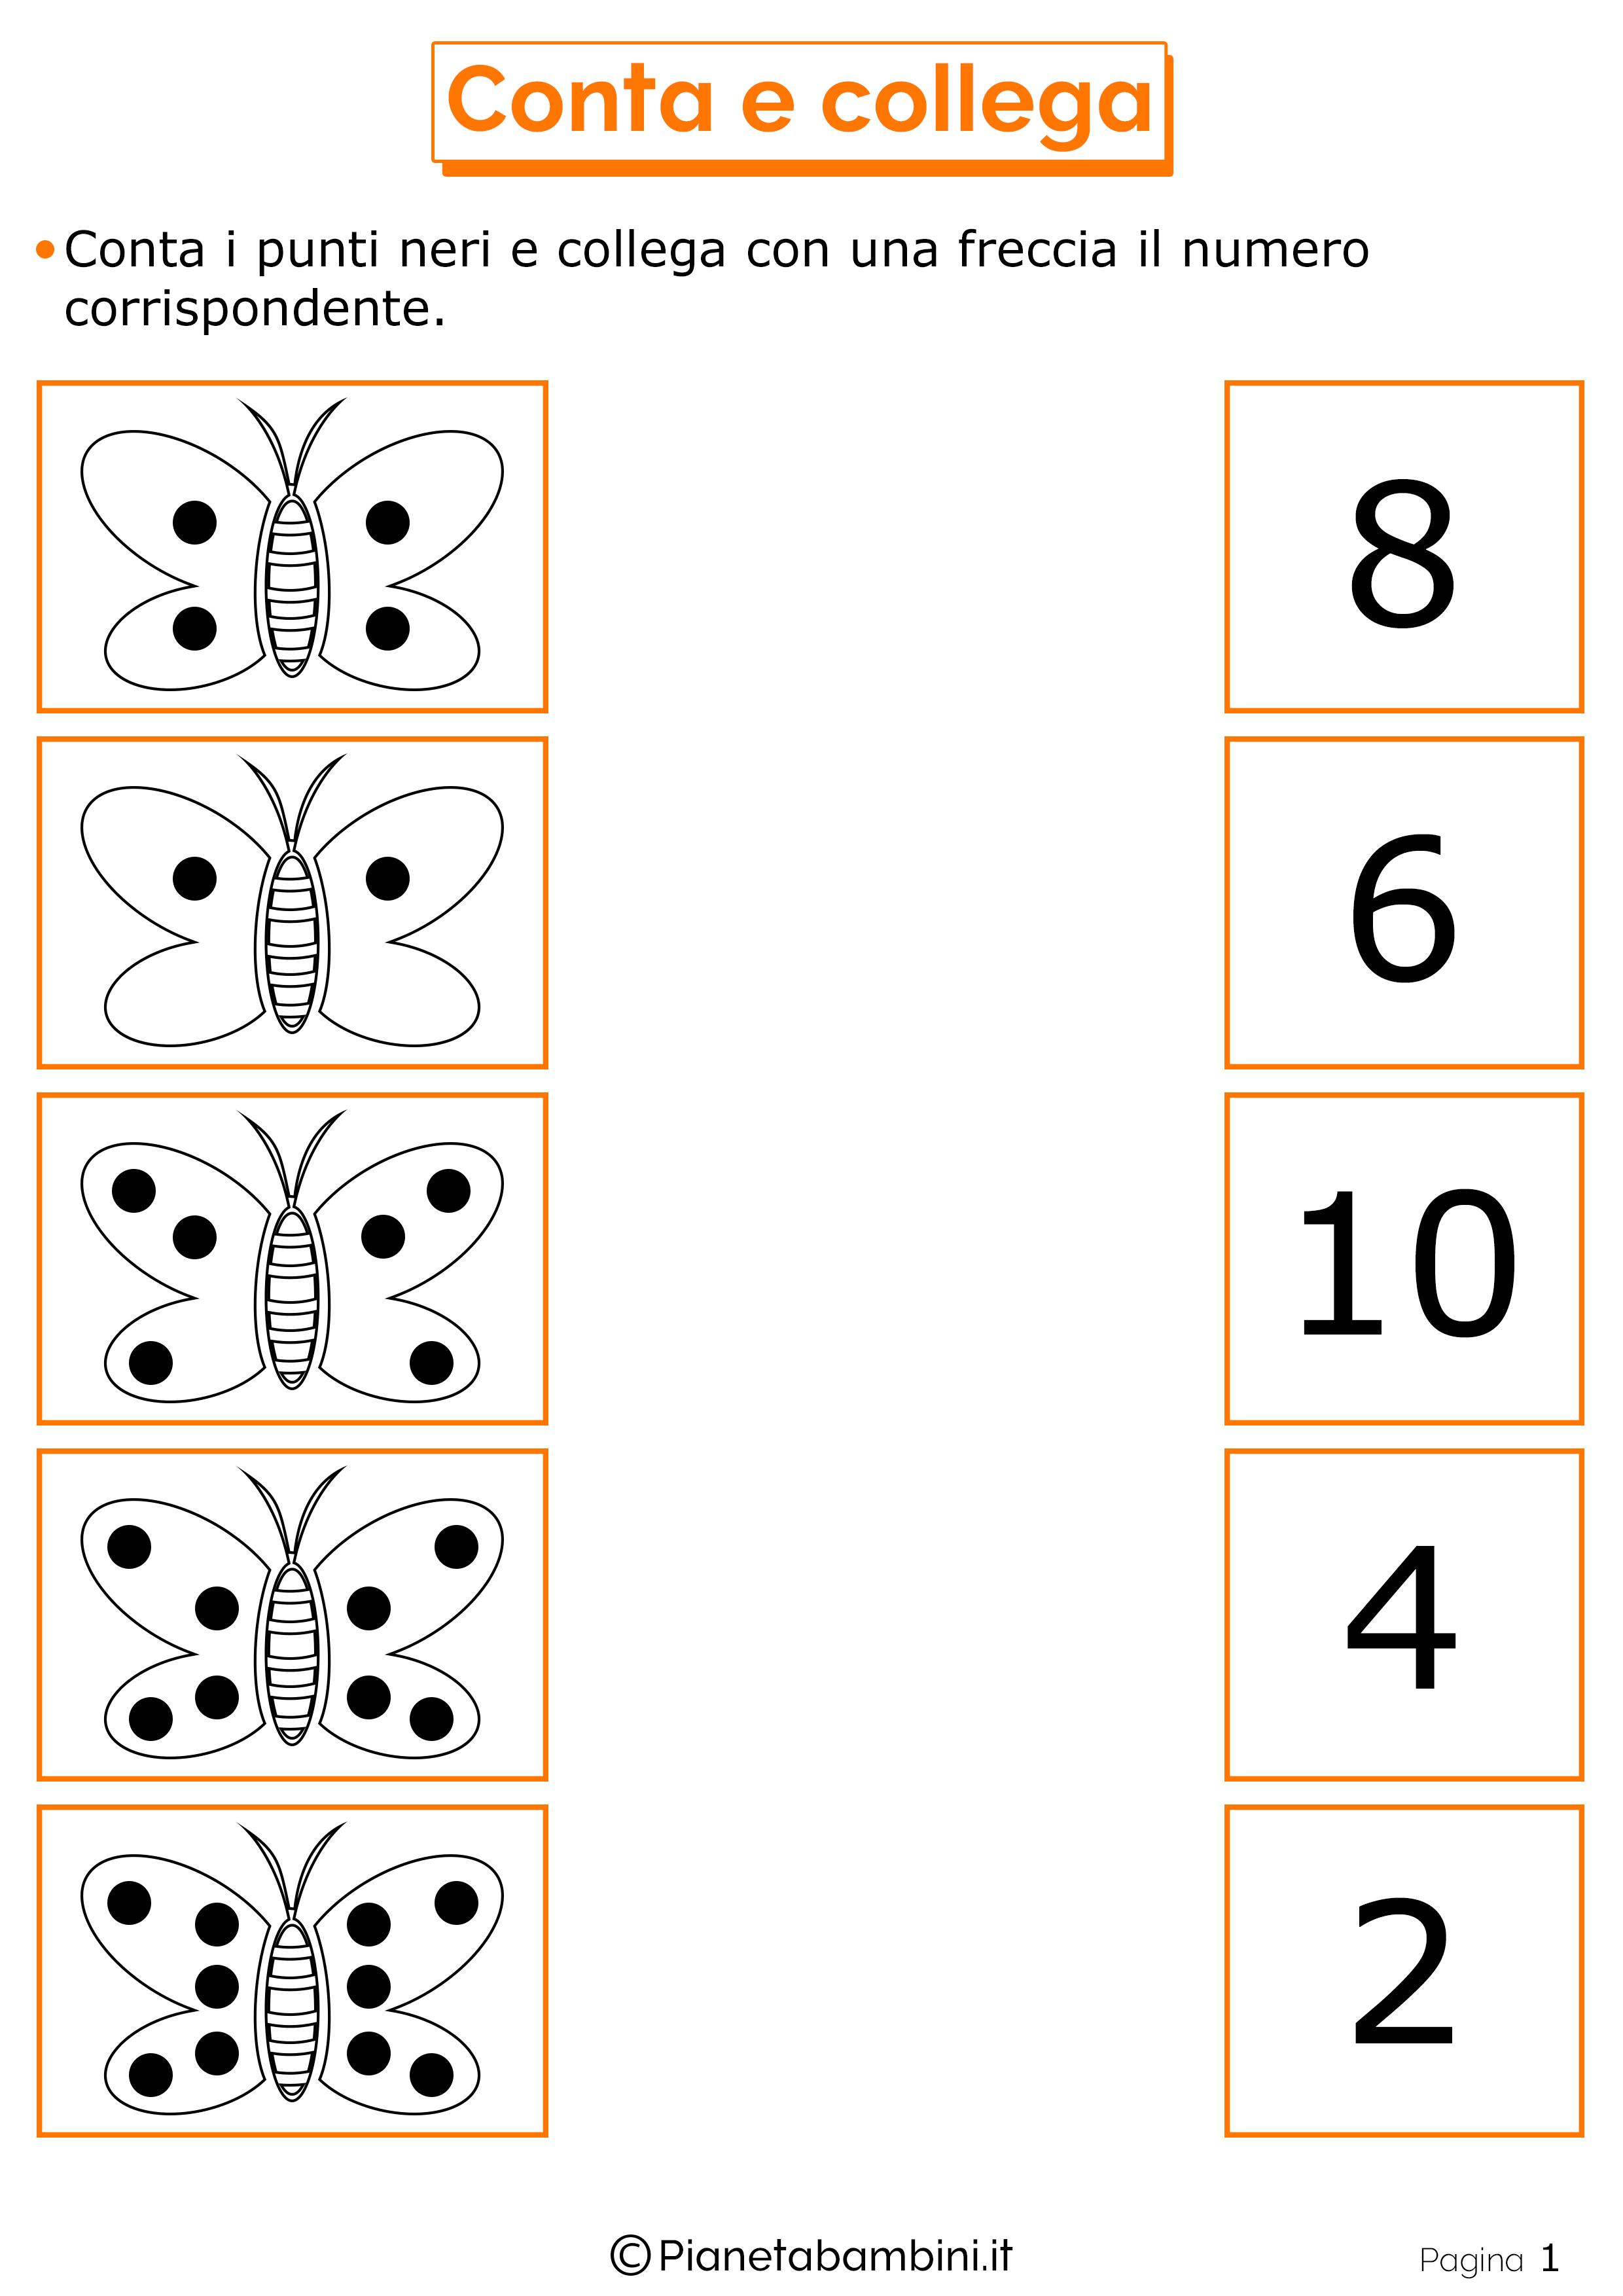 Famoso Giochi di Matematica per Bambini di 6-7 Anni da Stampare  CU39